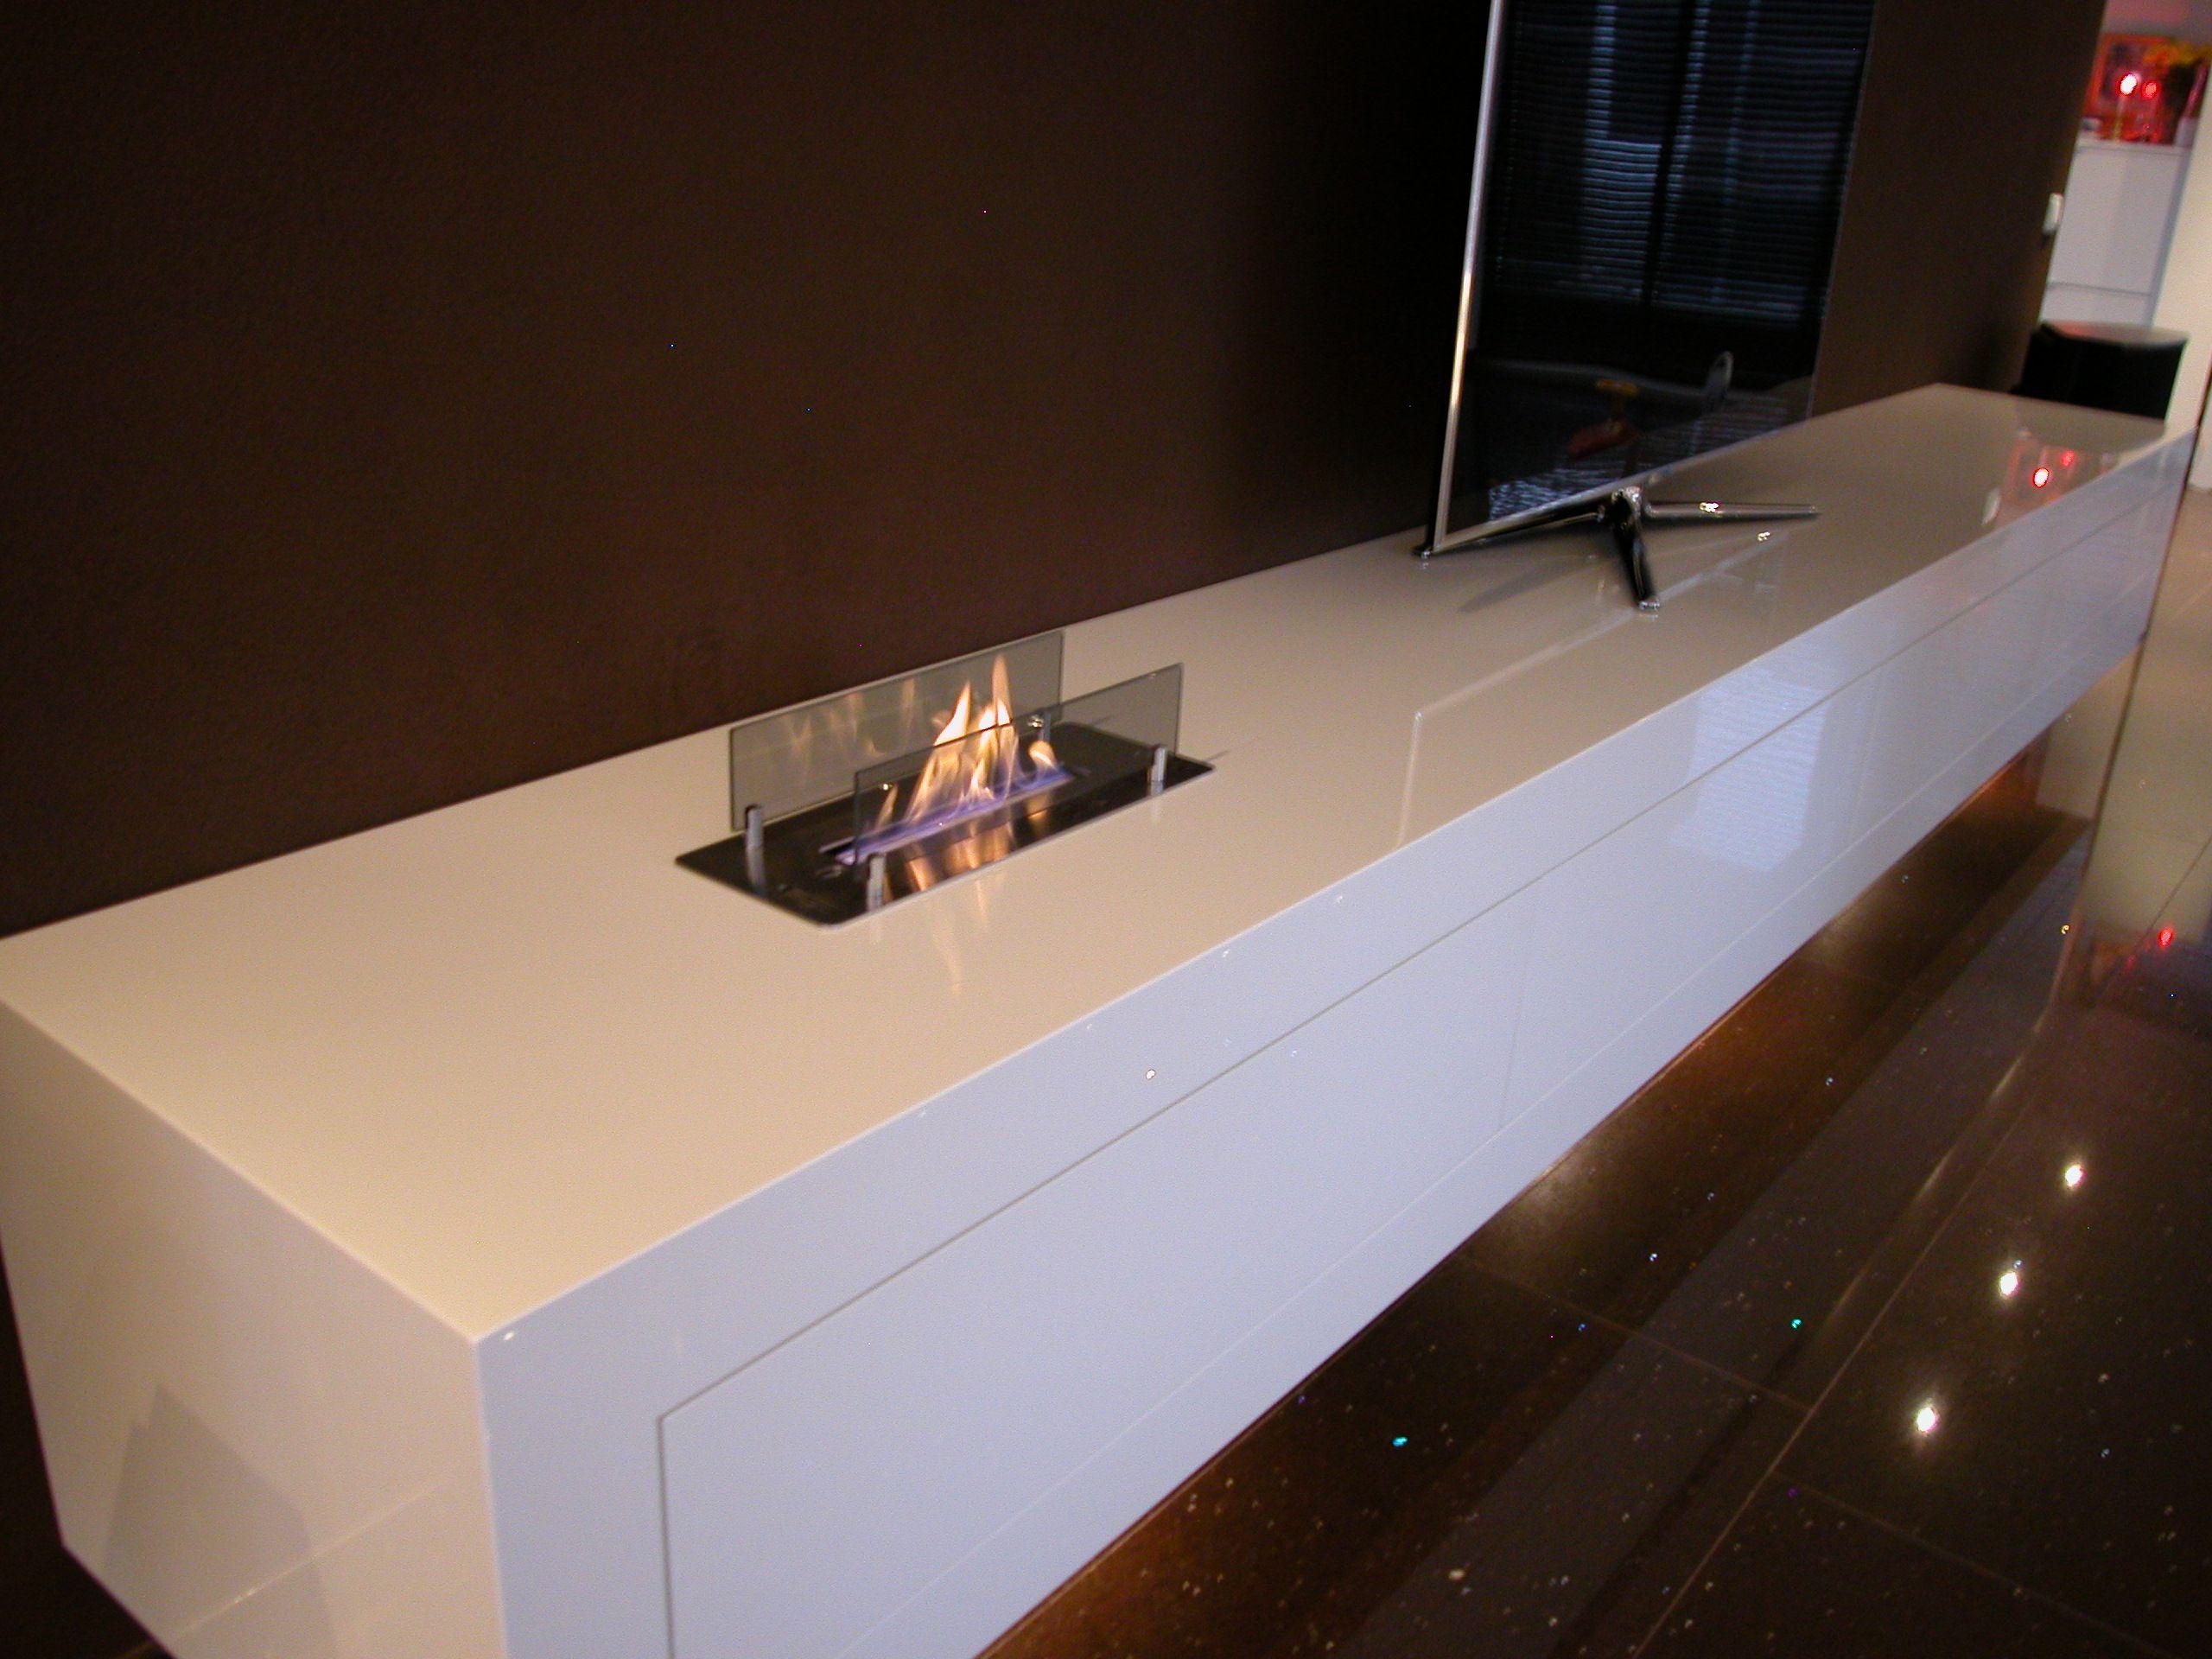 Tv meubel met bio ethanol haard   Ethanol Haard   Pinterest   Ethanol haard, Haard en Tv